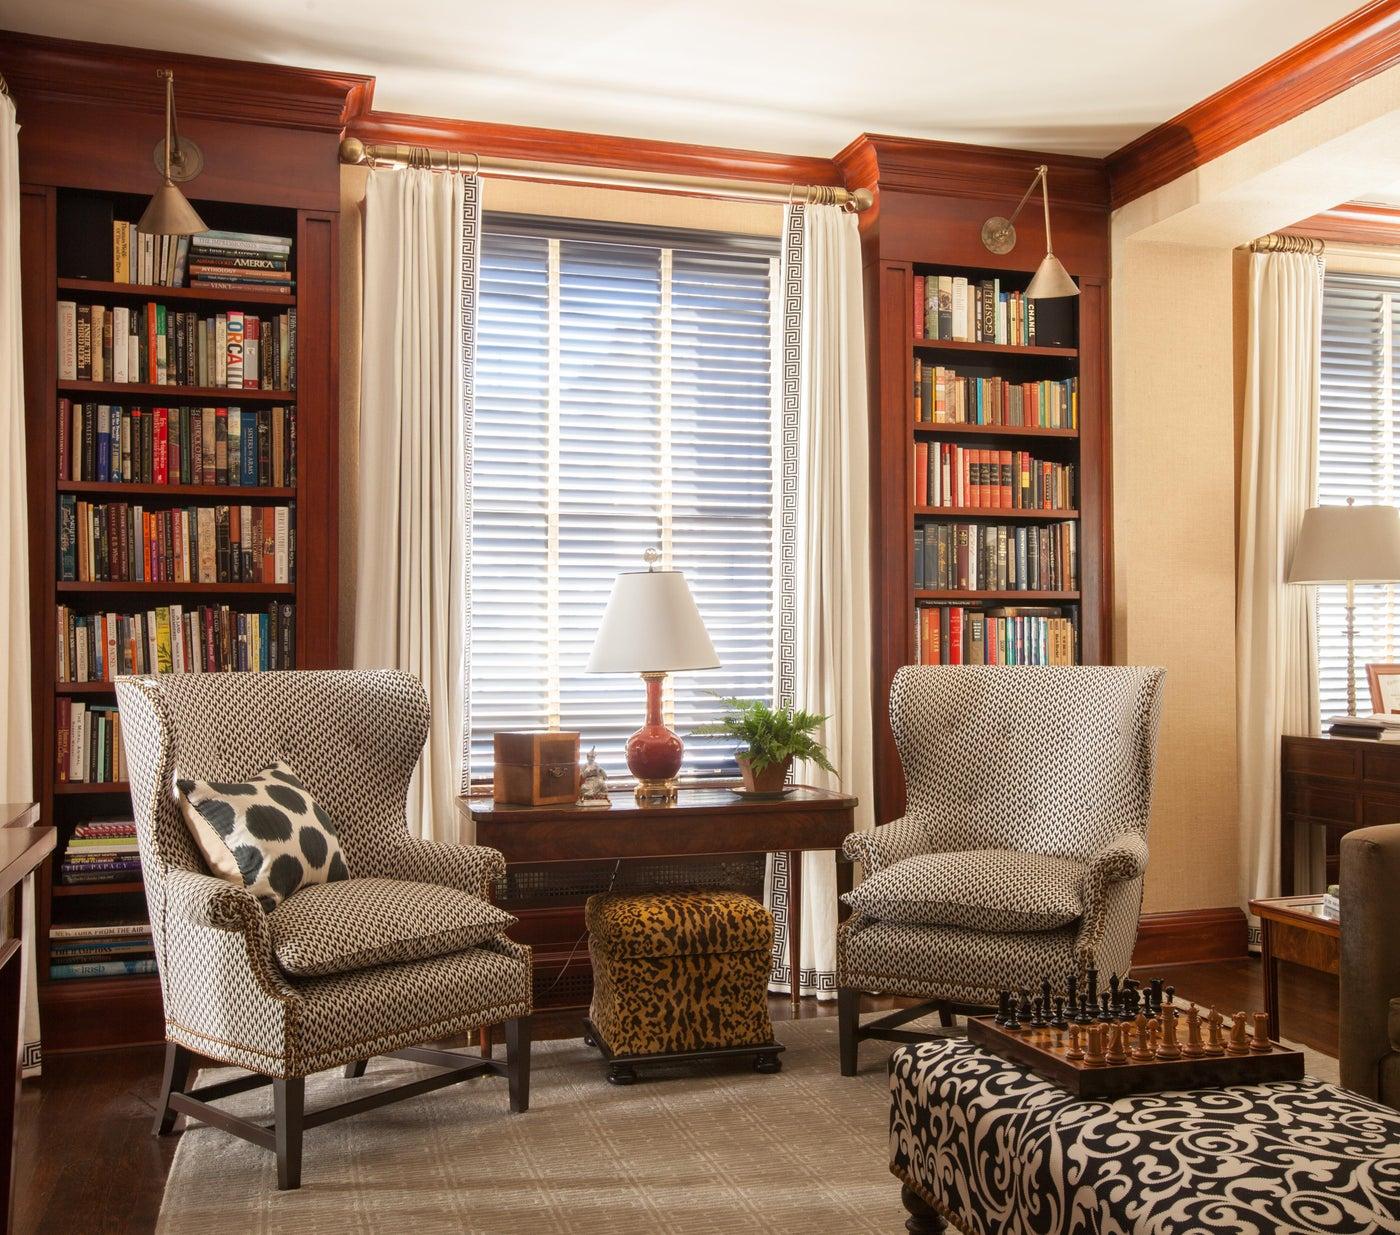 Brockschmidt Coleman library